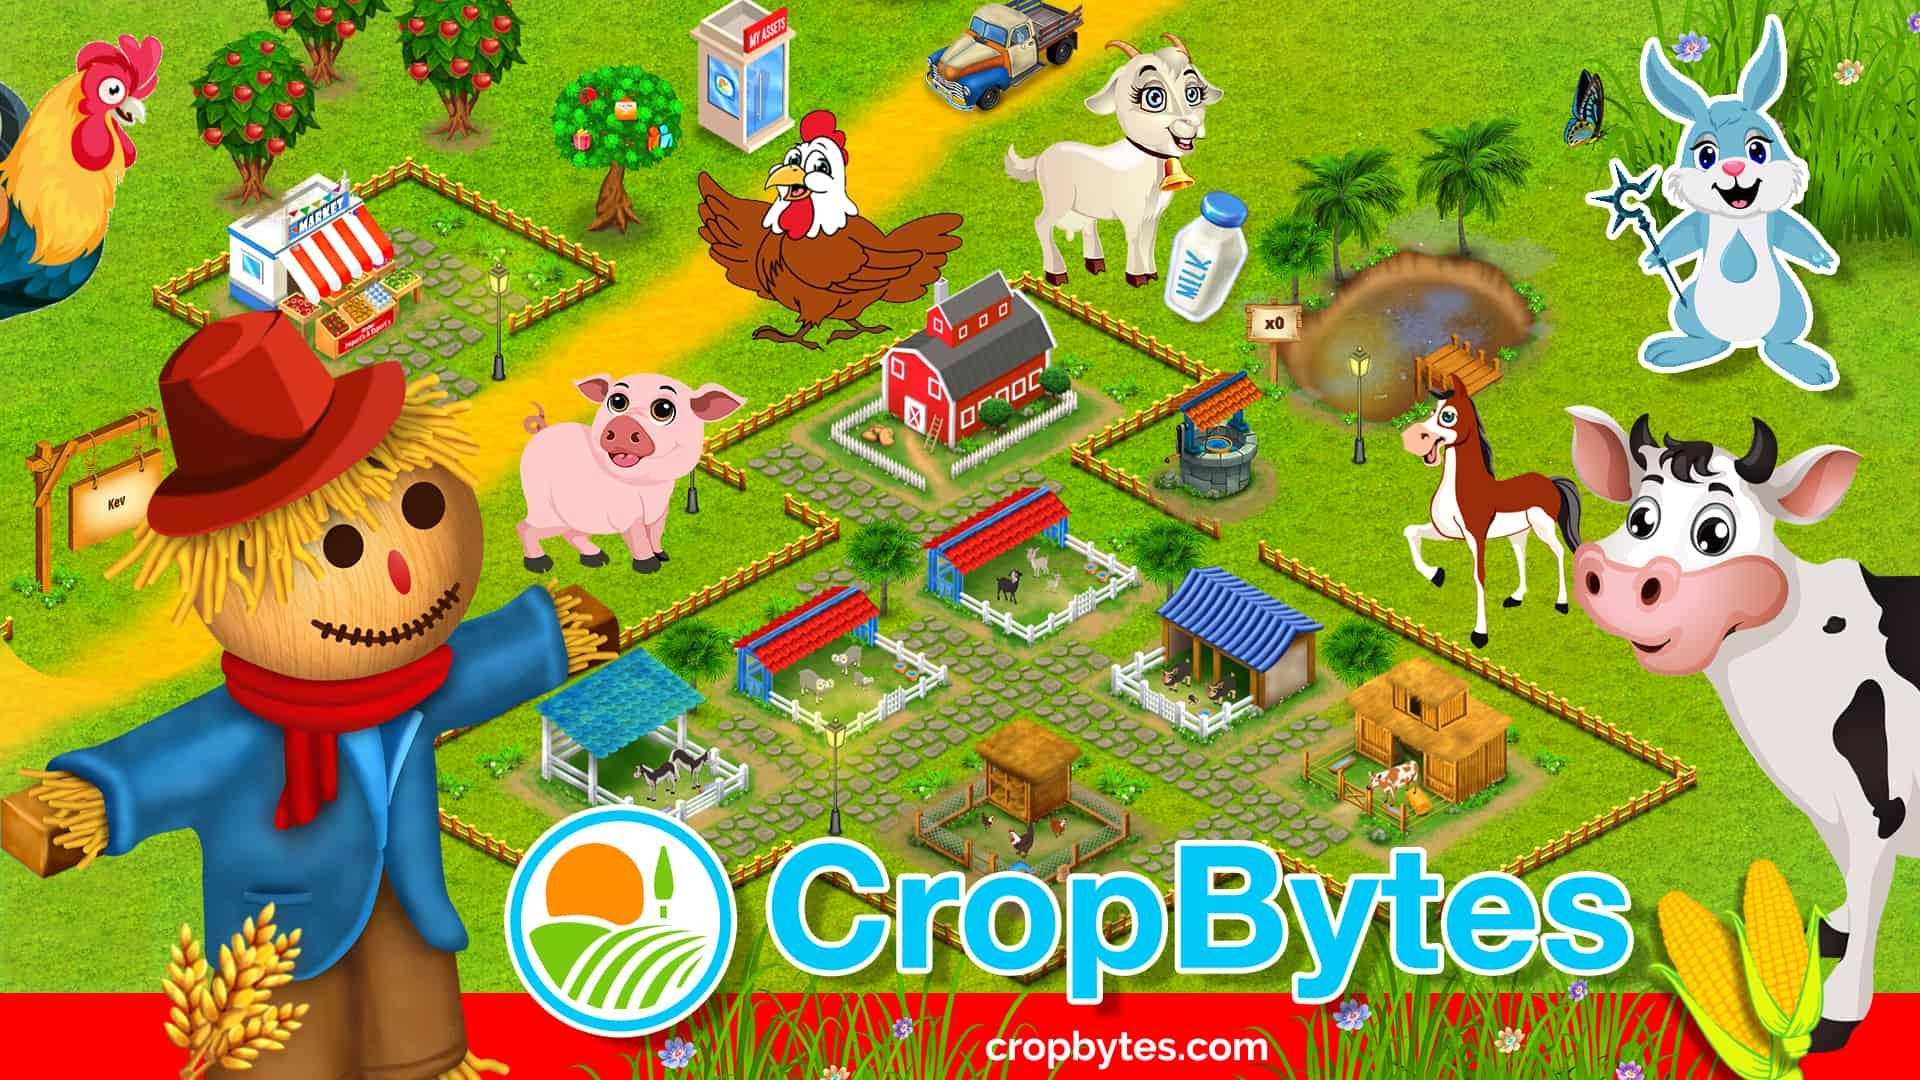 Cropbytes farm game